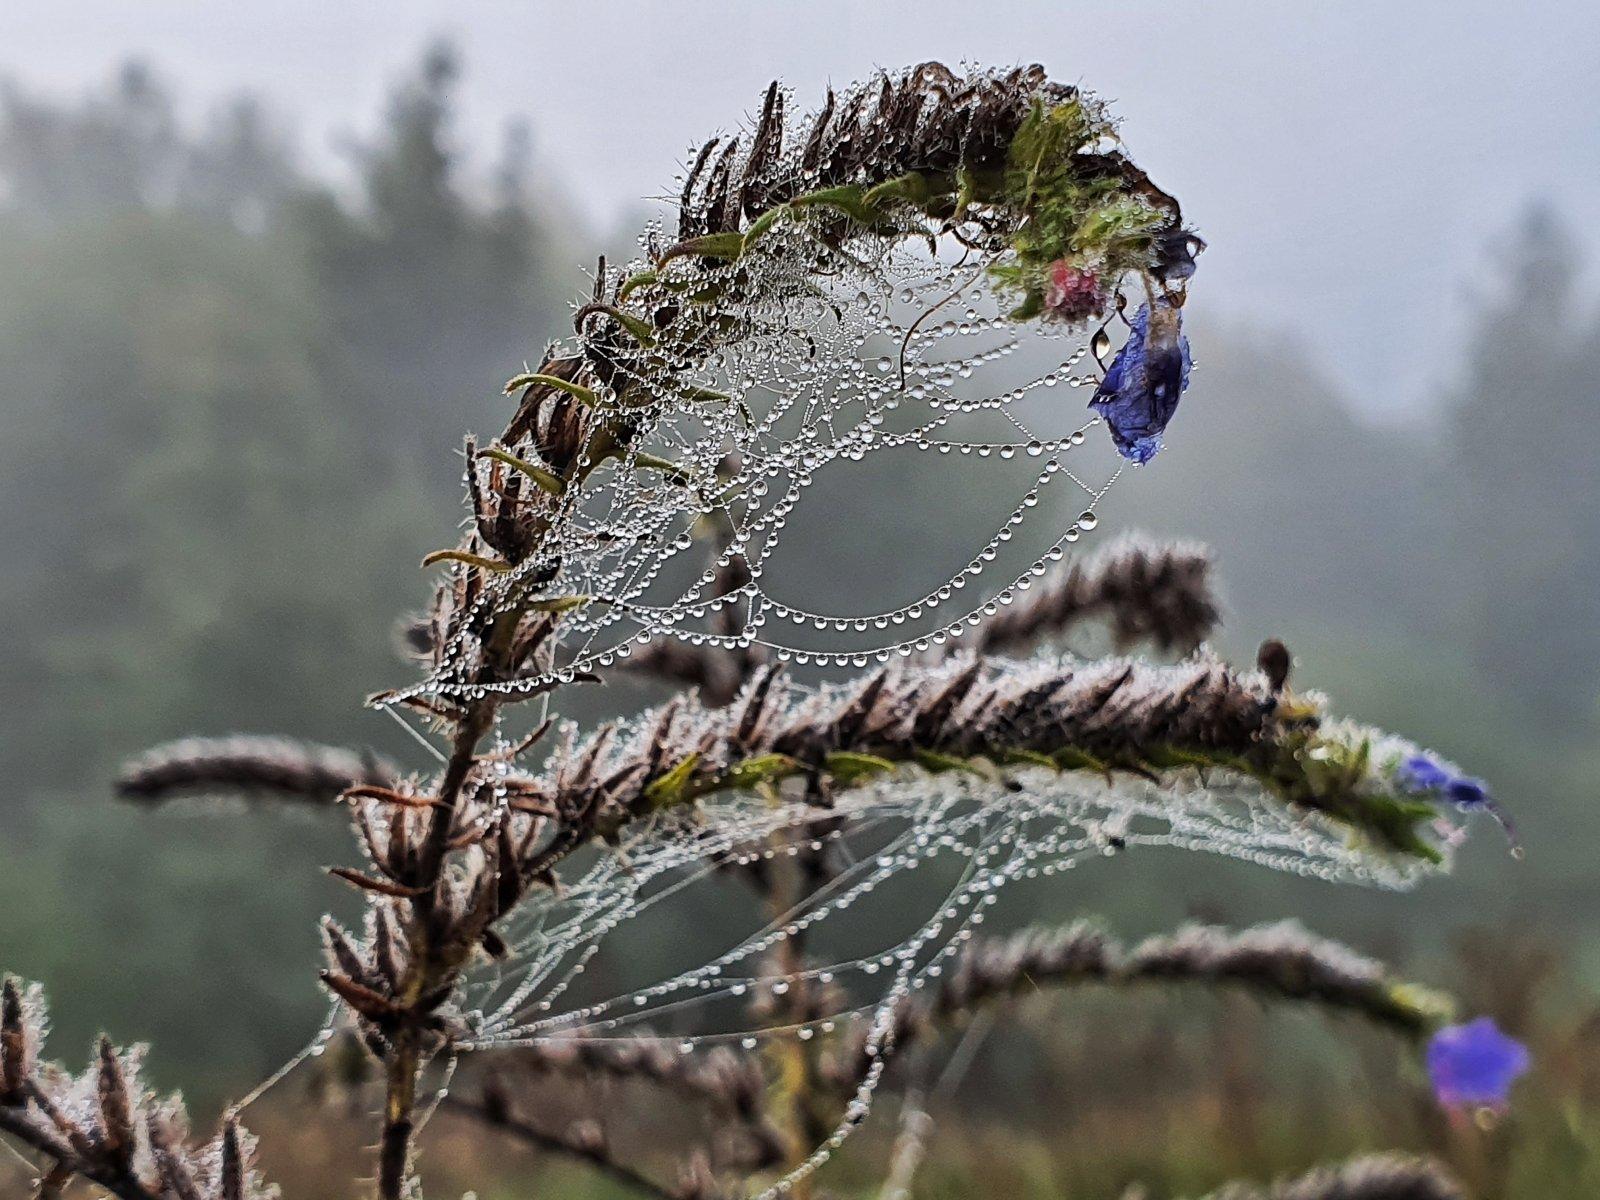 На этой неделе максимальная температура в Болгарии будет между 15° и 18°